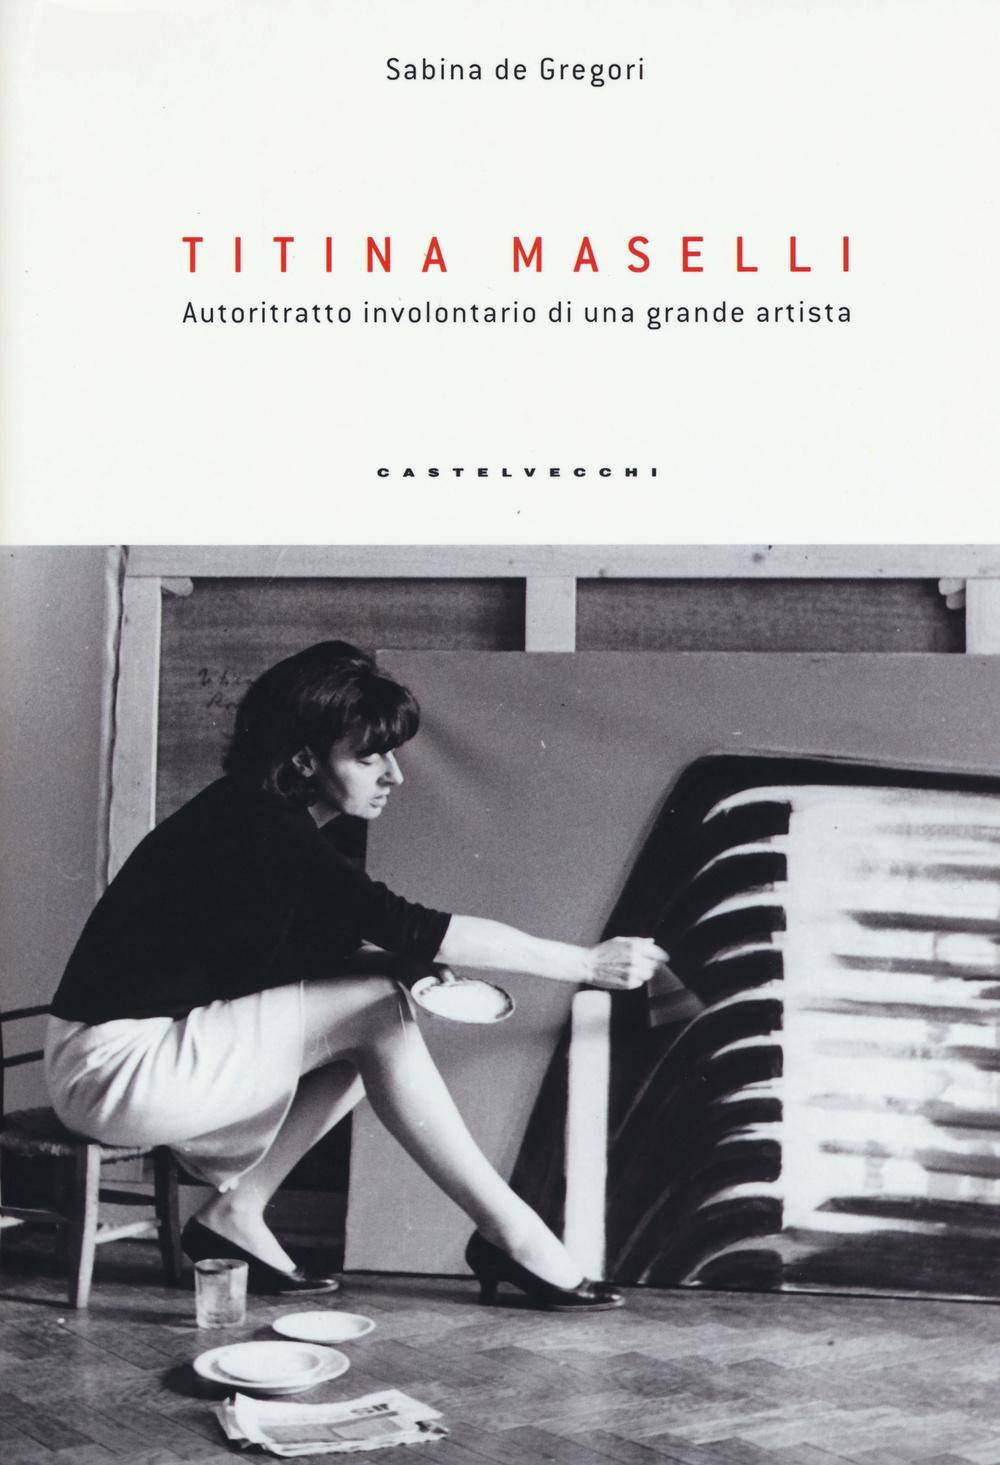 TITINA MASELLI. AUTORITRATTO INVOLONTARIO DI UNA GRANDE ARTISTA - 9788869440366